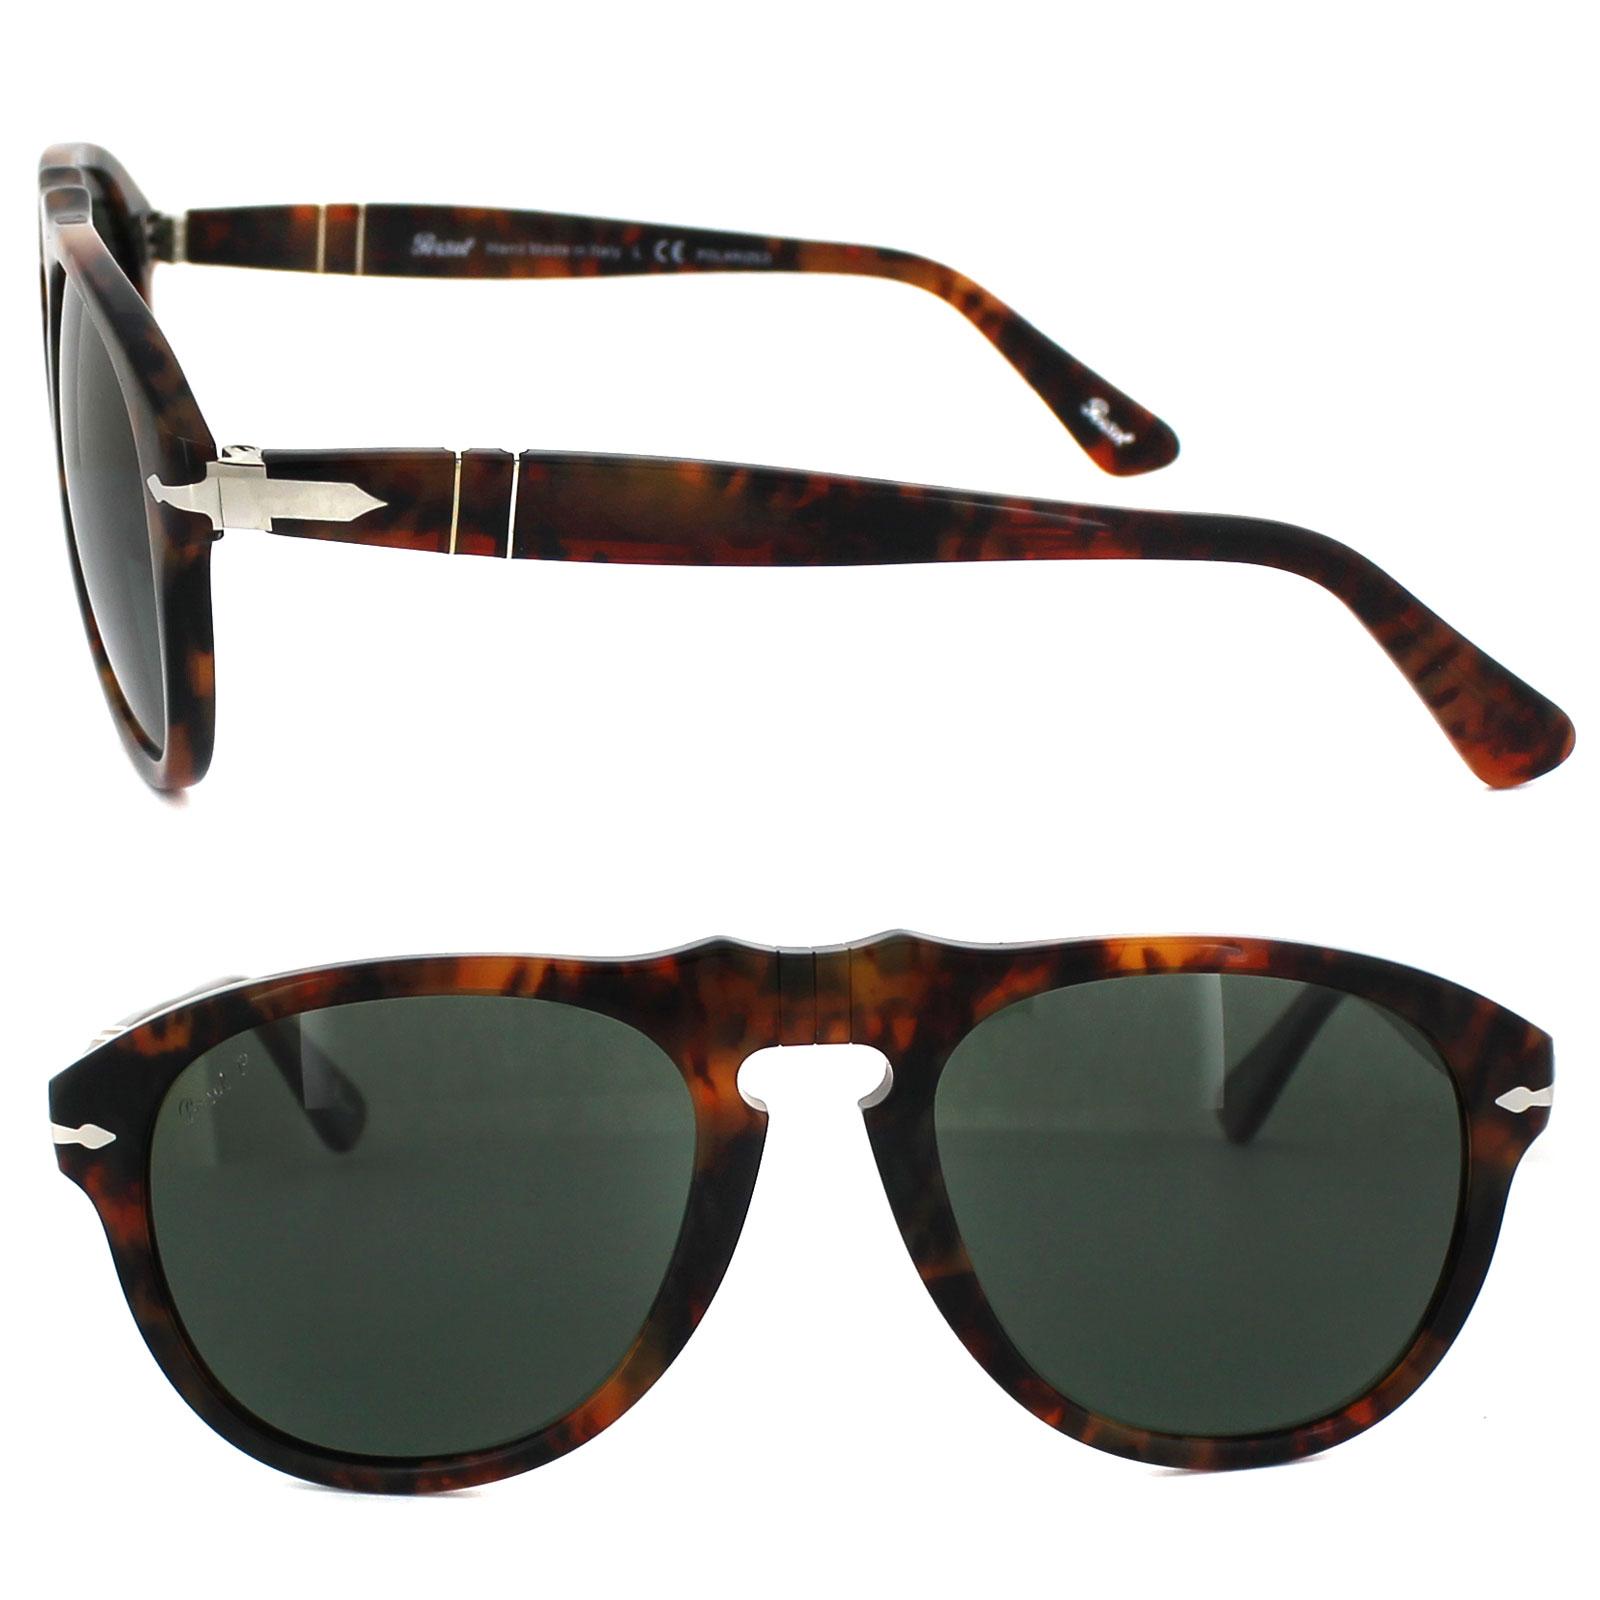 Cheap Persol 649 Sunglasses